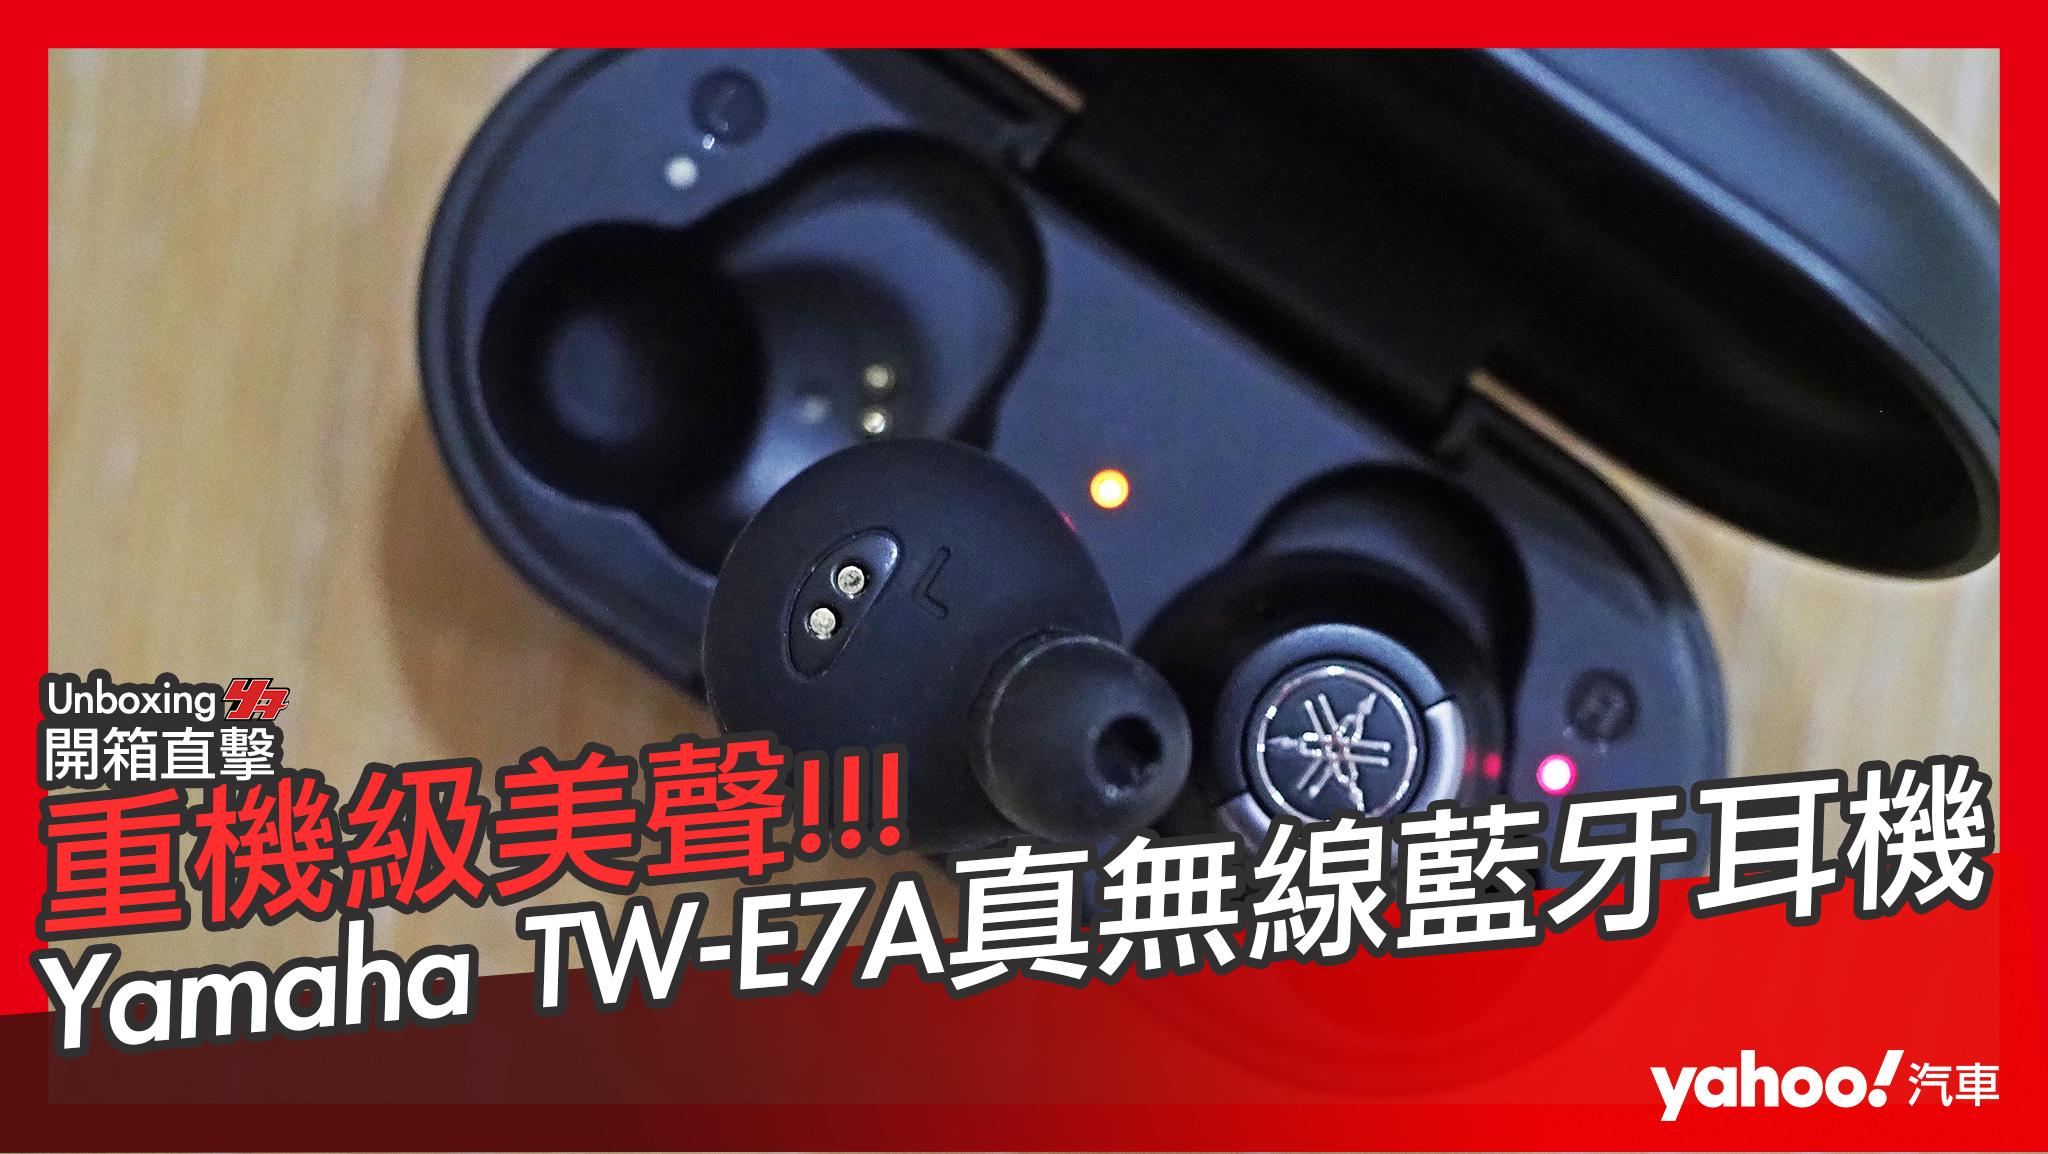 【開箱直擊】樂車迷們不容錯過的重機級美聲!Yamaha TW-E7A真無線降噪藍牙耳機潮到爆開箱!